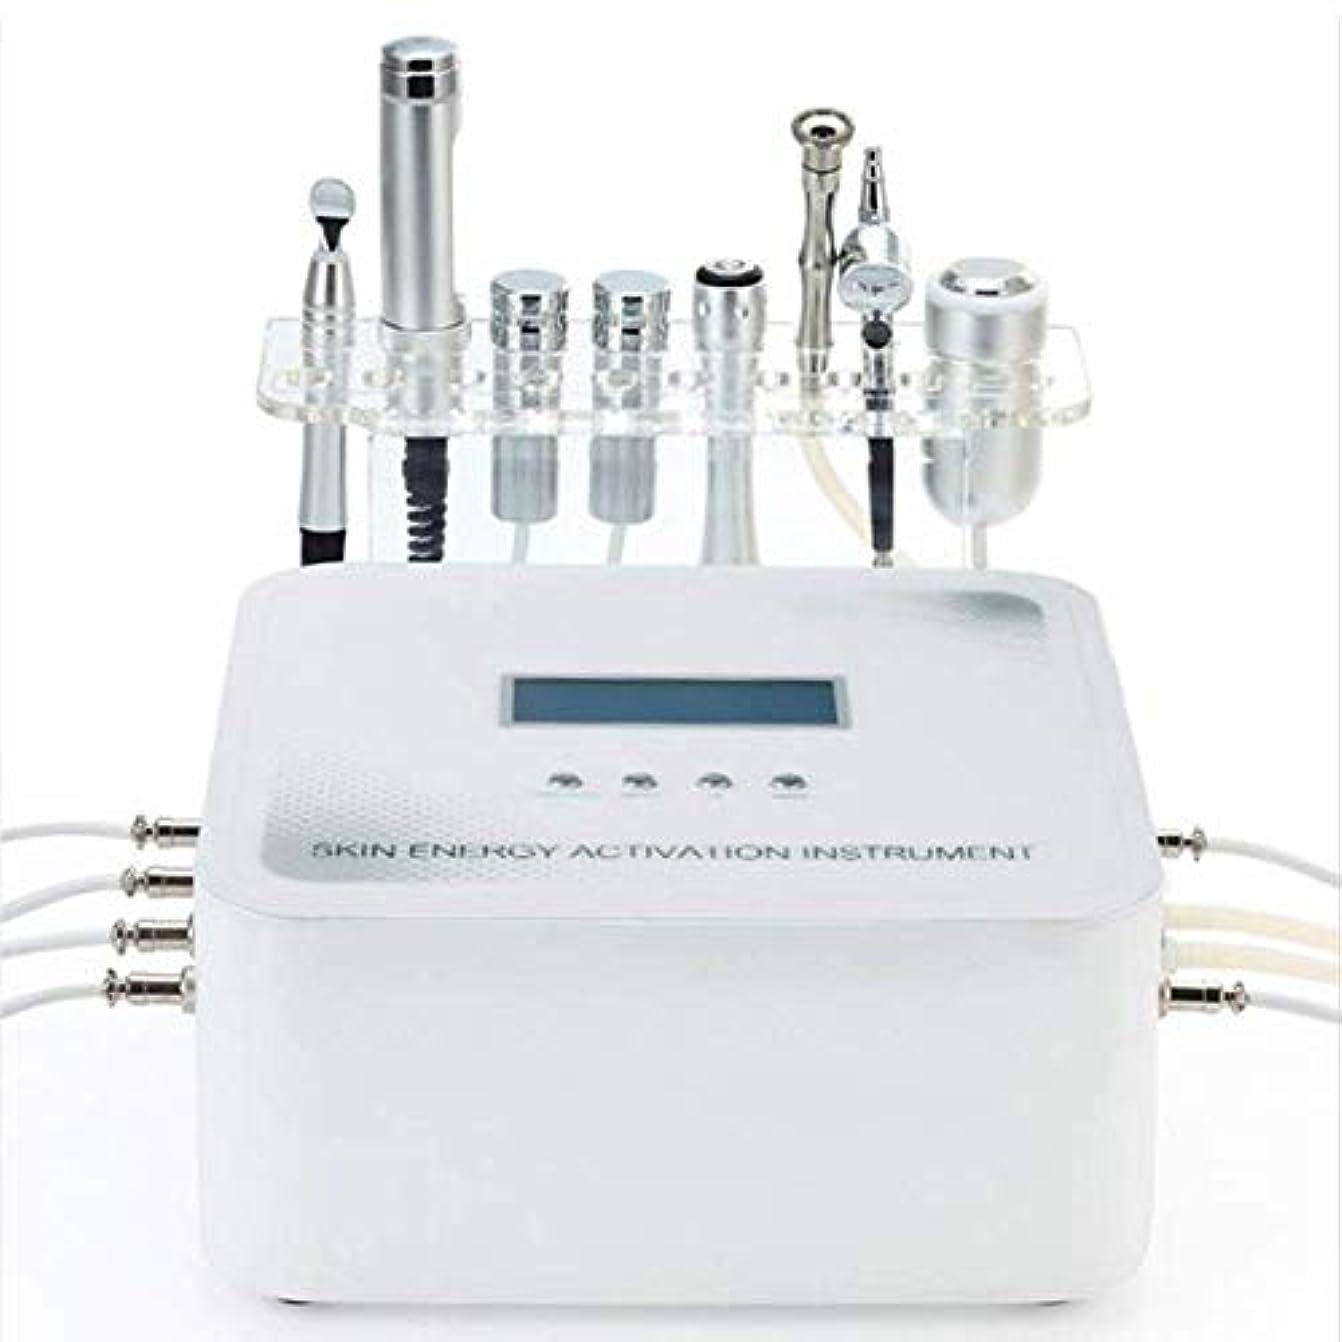 必要としている請求書睡眠多機能両極マイクロ電気Rf美容機器、美容室の家族の使用に適した純粋な酸素肌の若返り楽器、150ワット110ボルト